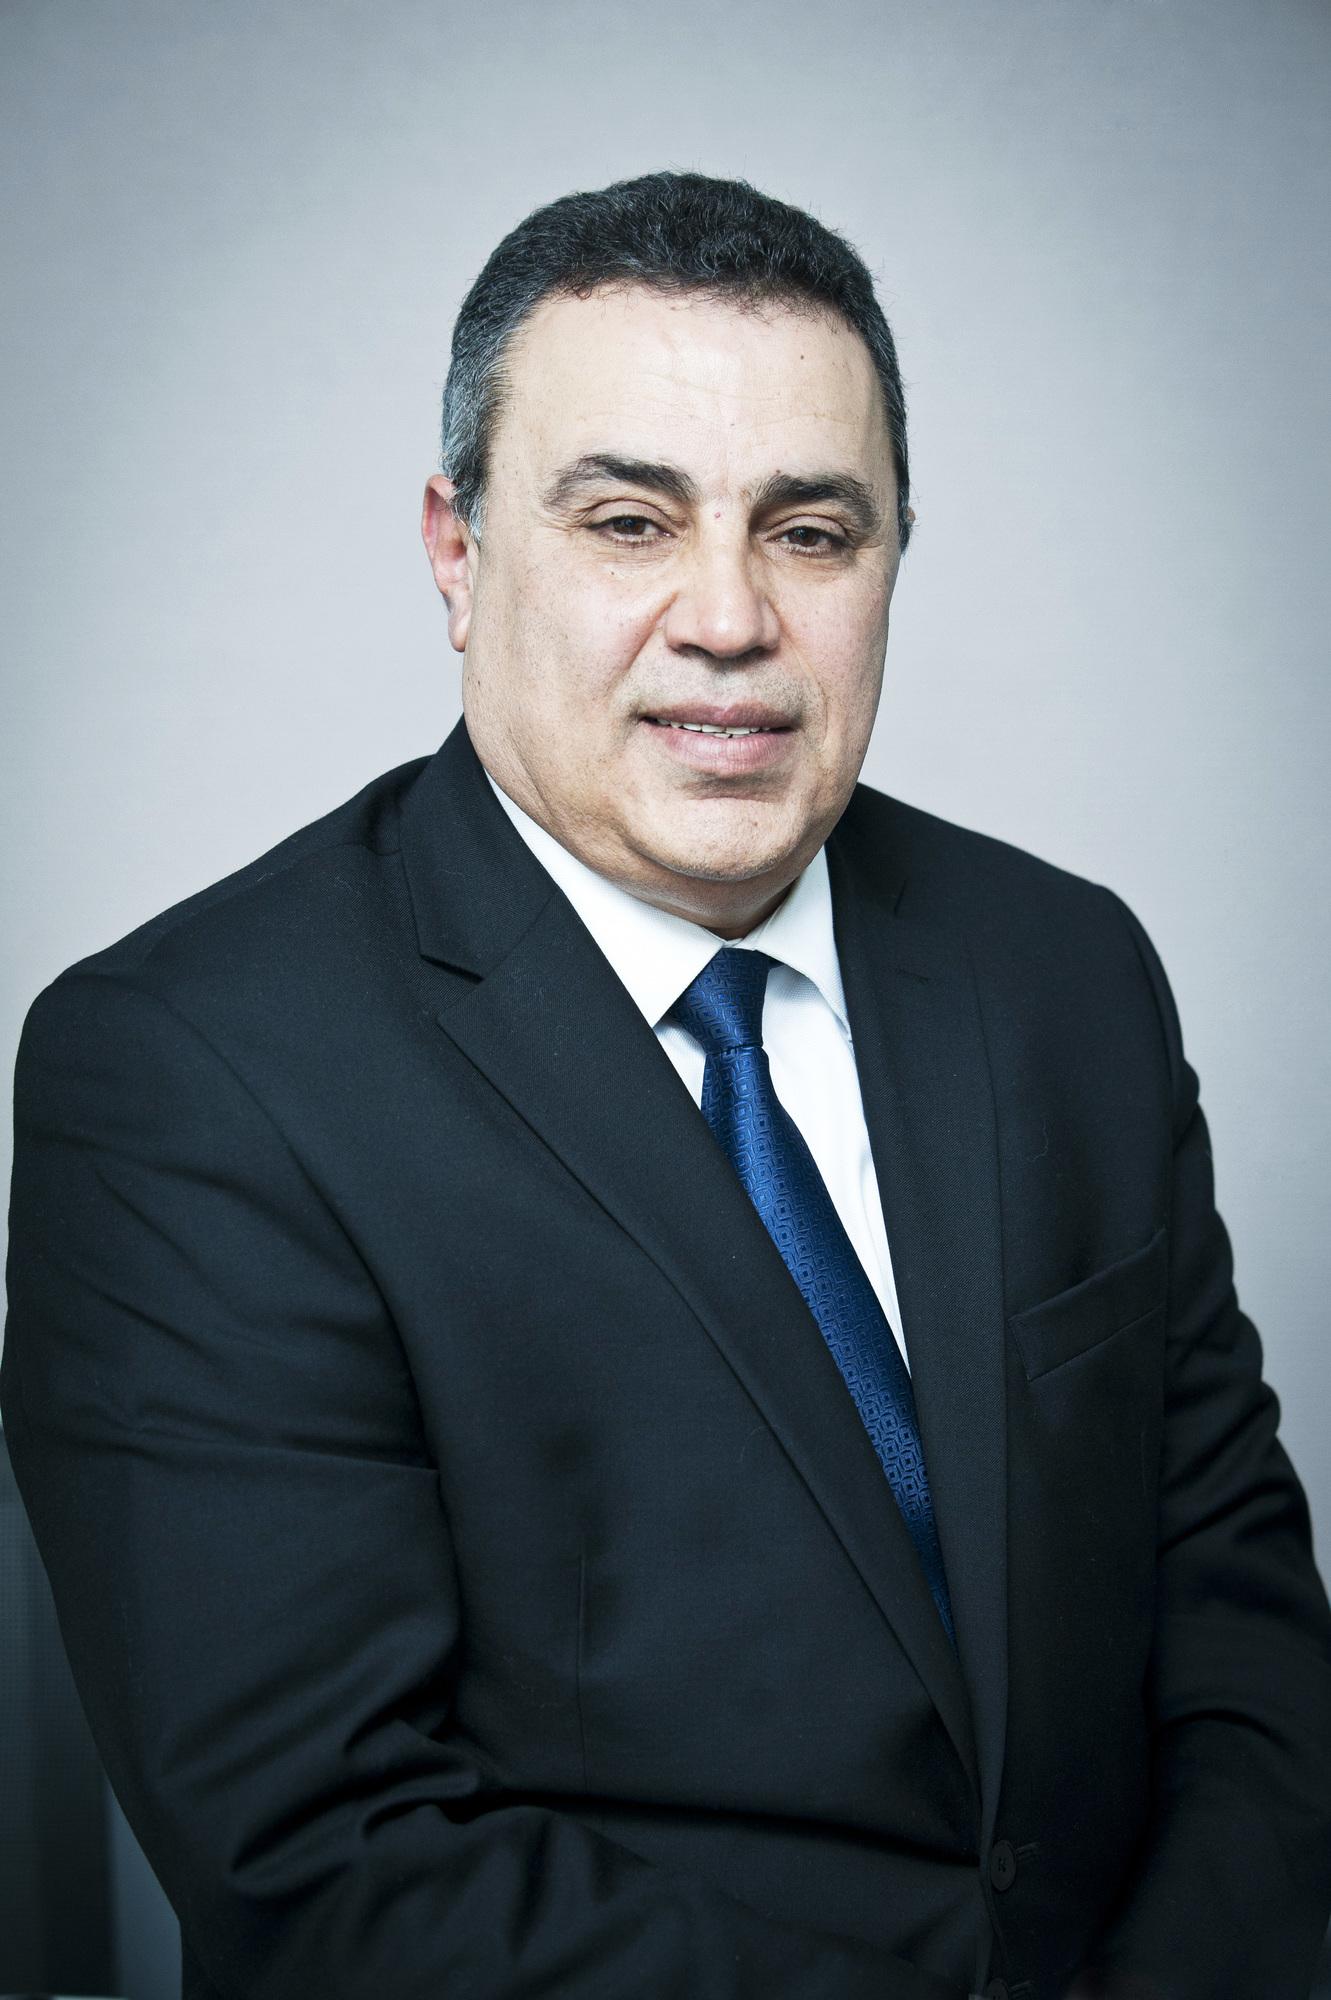 Mehdi Jomaa (Tunisie), Premier ministre de janvier 2014 a fevrier 2015, fondateur du parti Al-Badil Ettounsi (Alternative tunisienne). A Paris le 05.03.2018. Copyright : Vincent Fournier/JA.